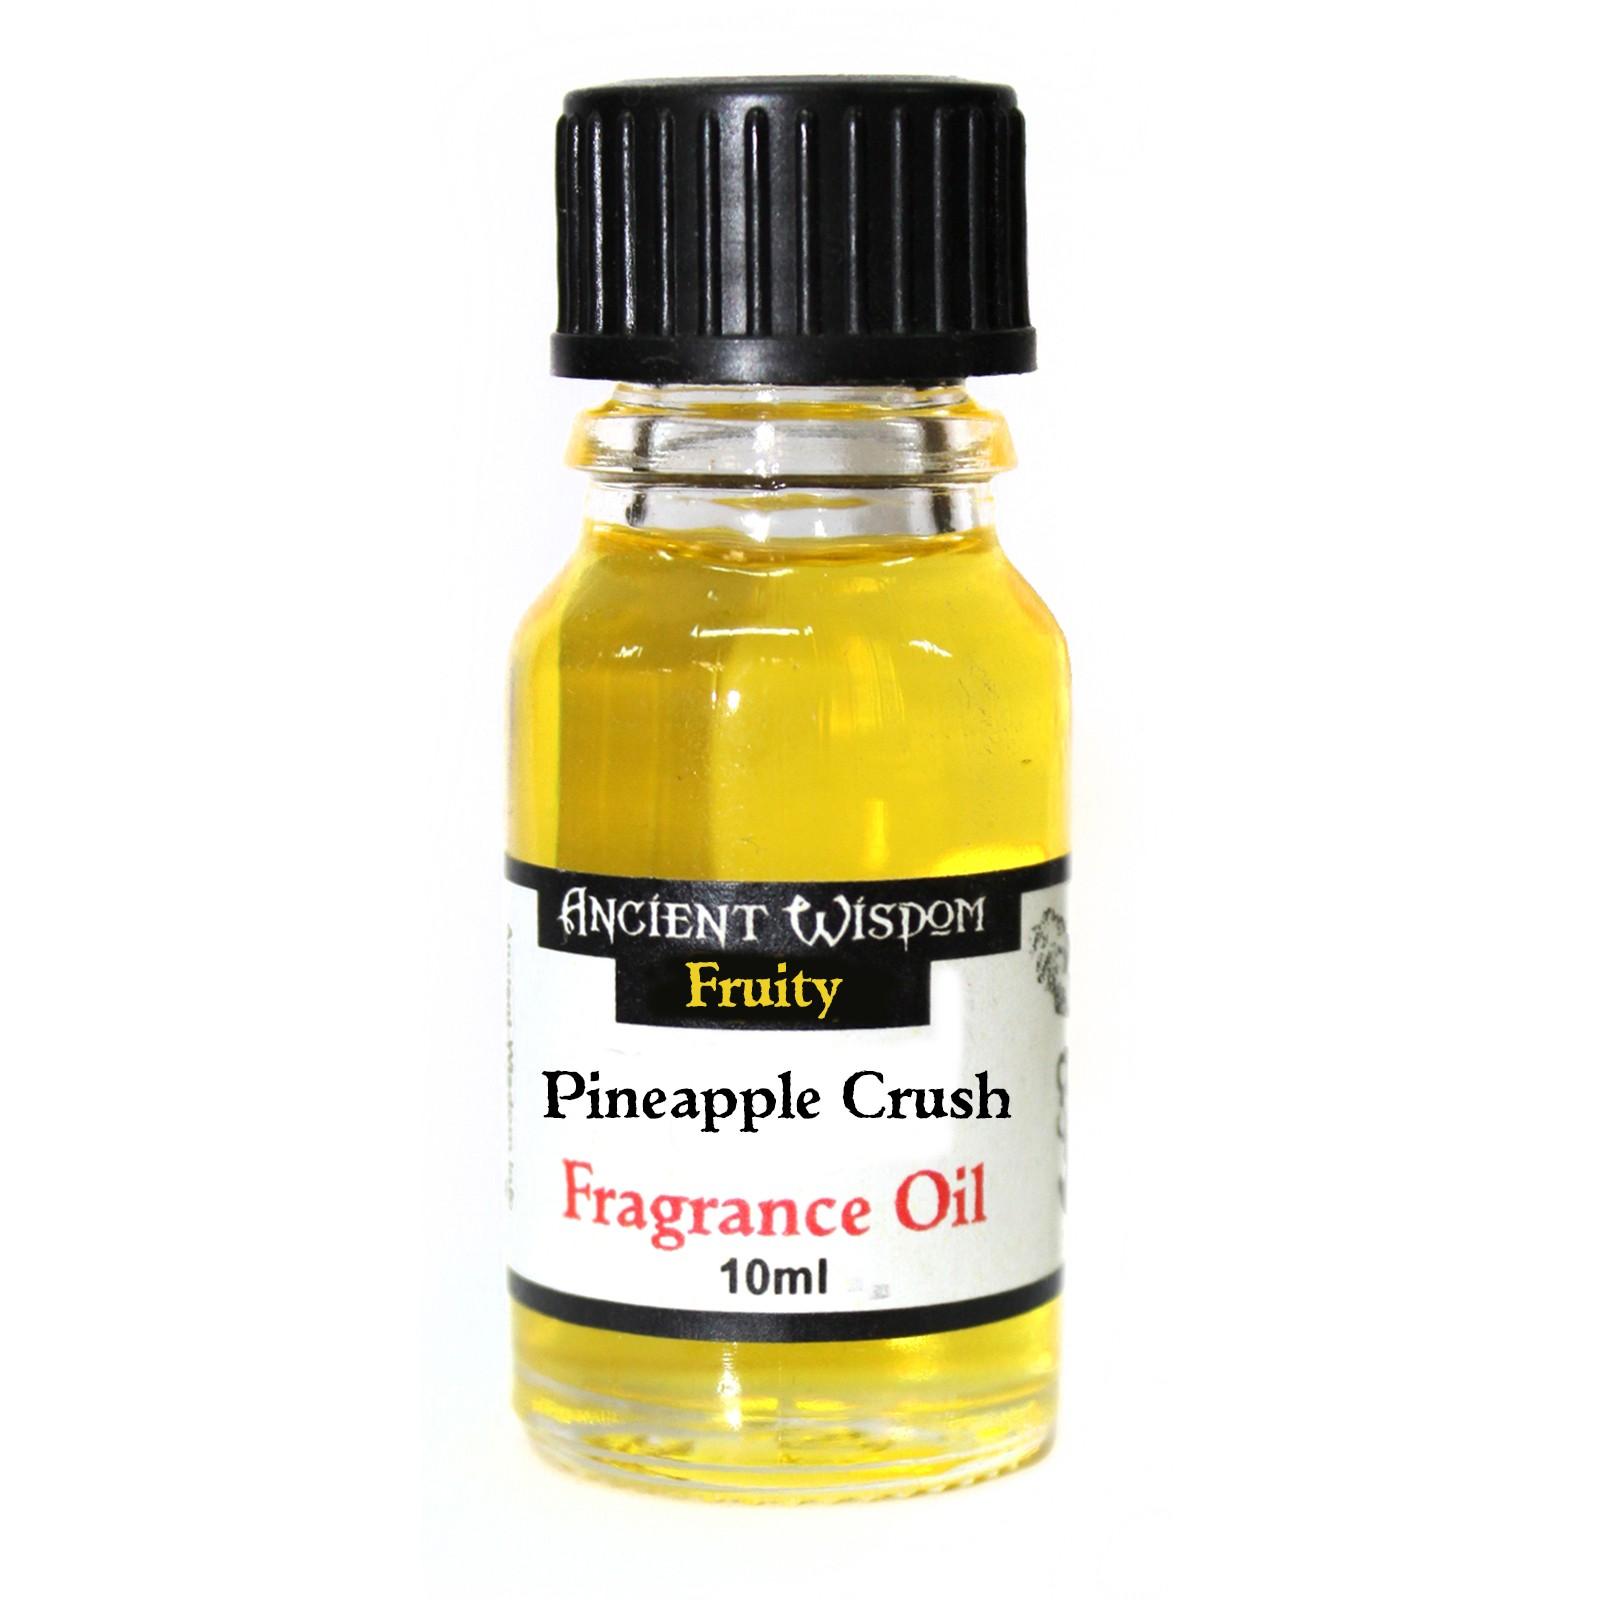 10ml Pinapple Crush Fragrance Oil